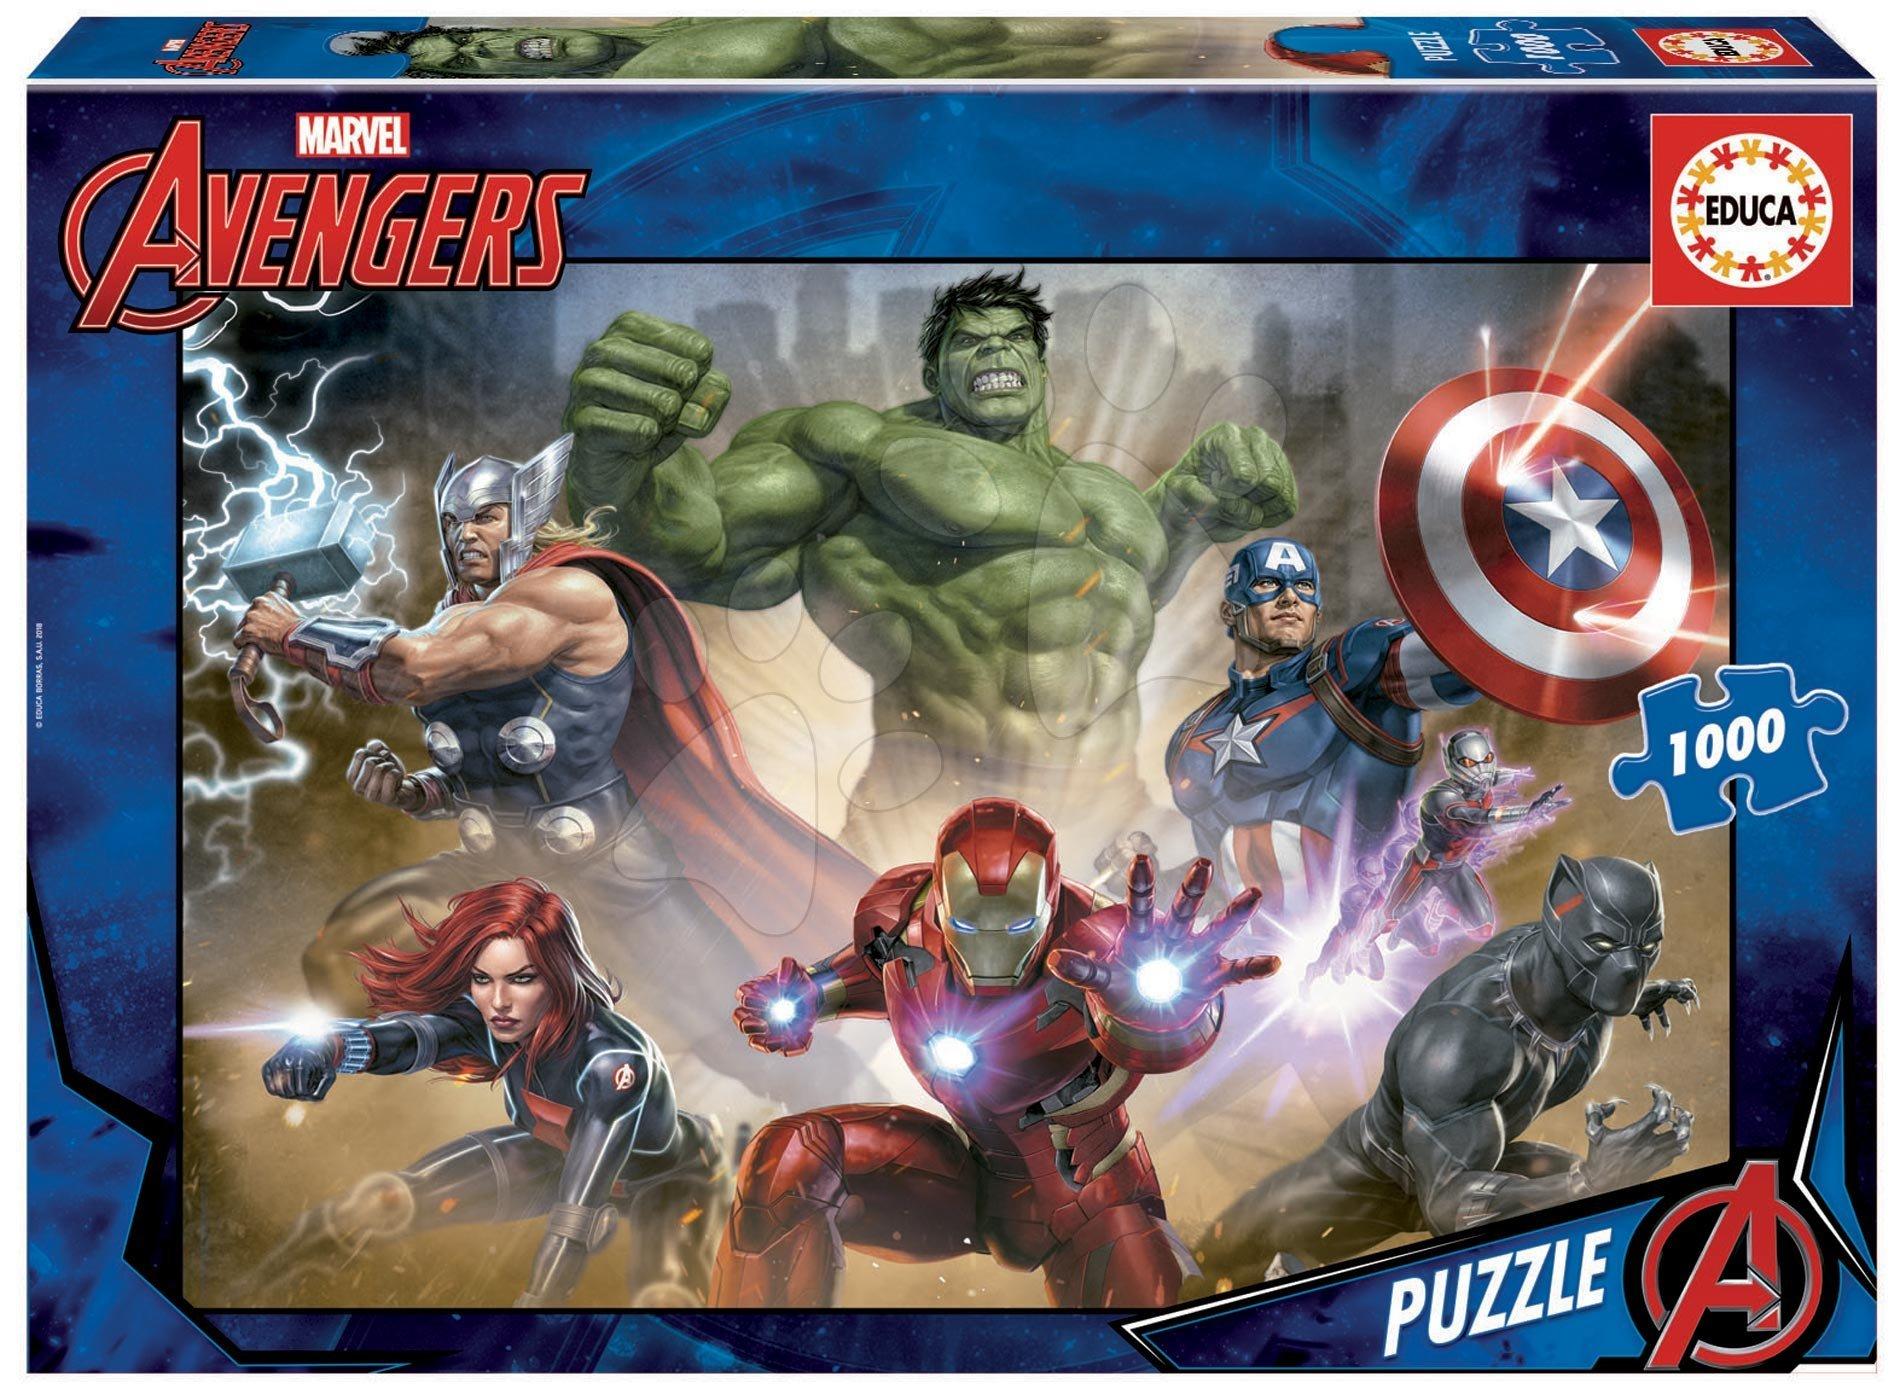 Puzzle The Avengers Educa 1000 piese cu lipici Fix puzzle de la 11 ani